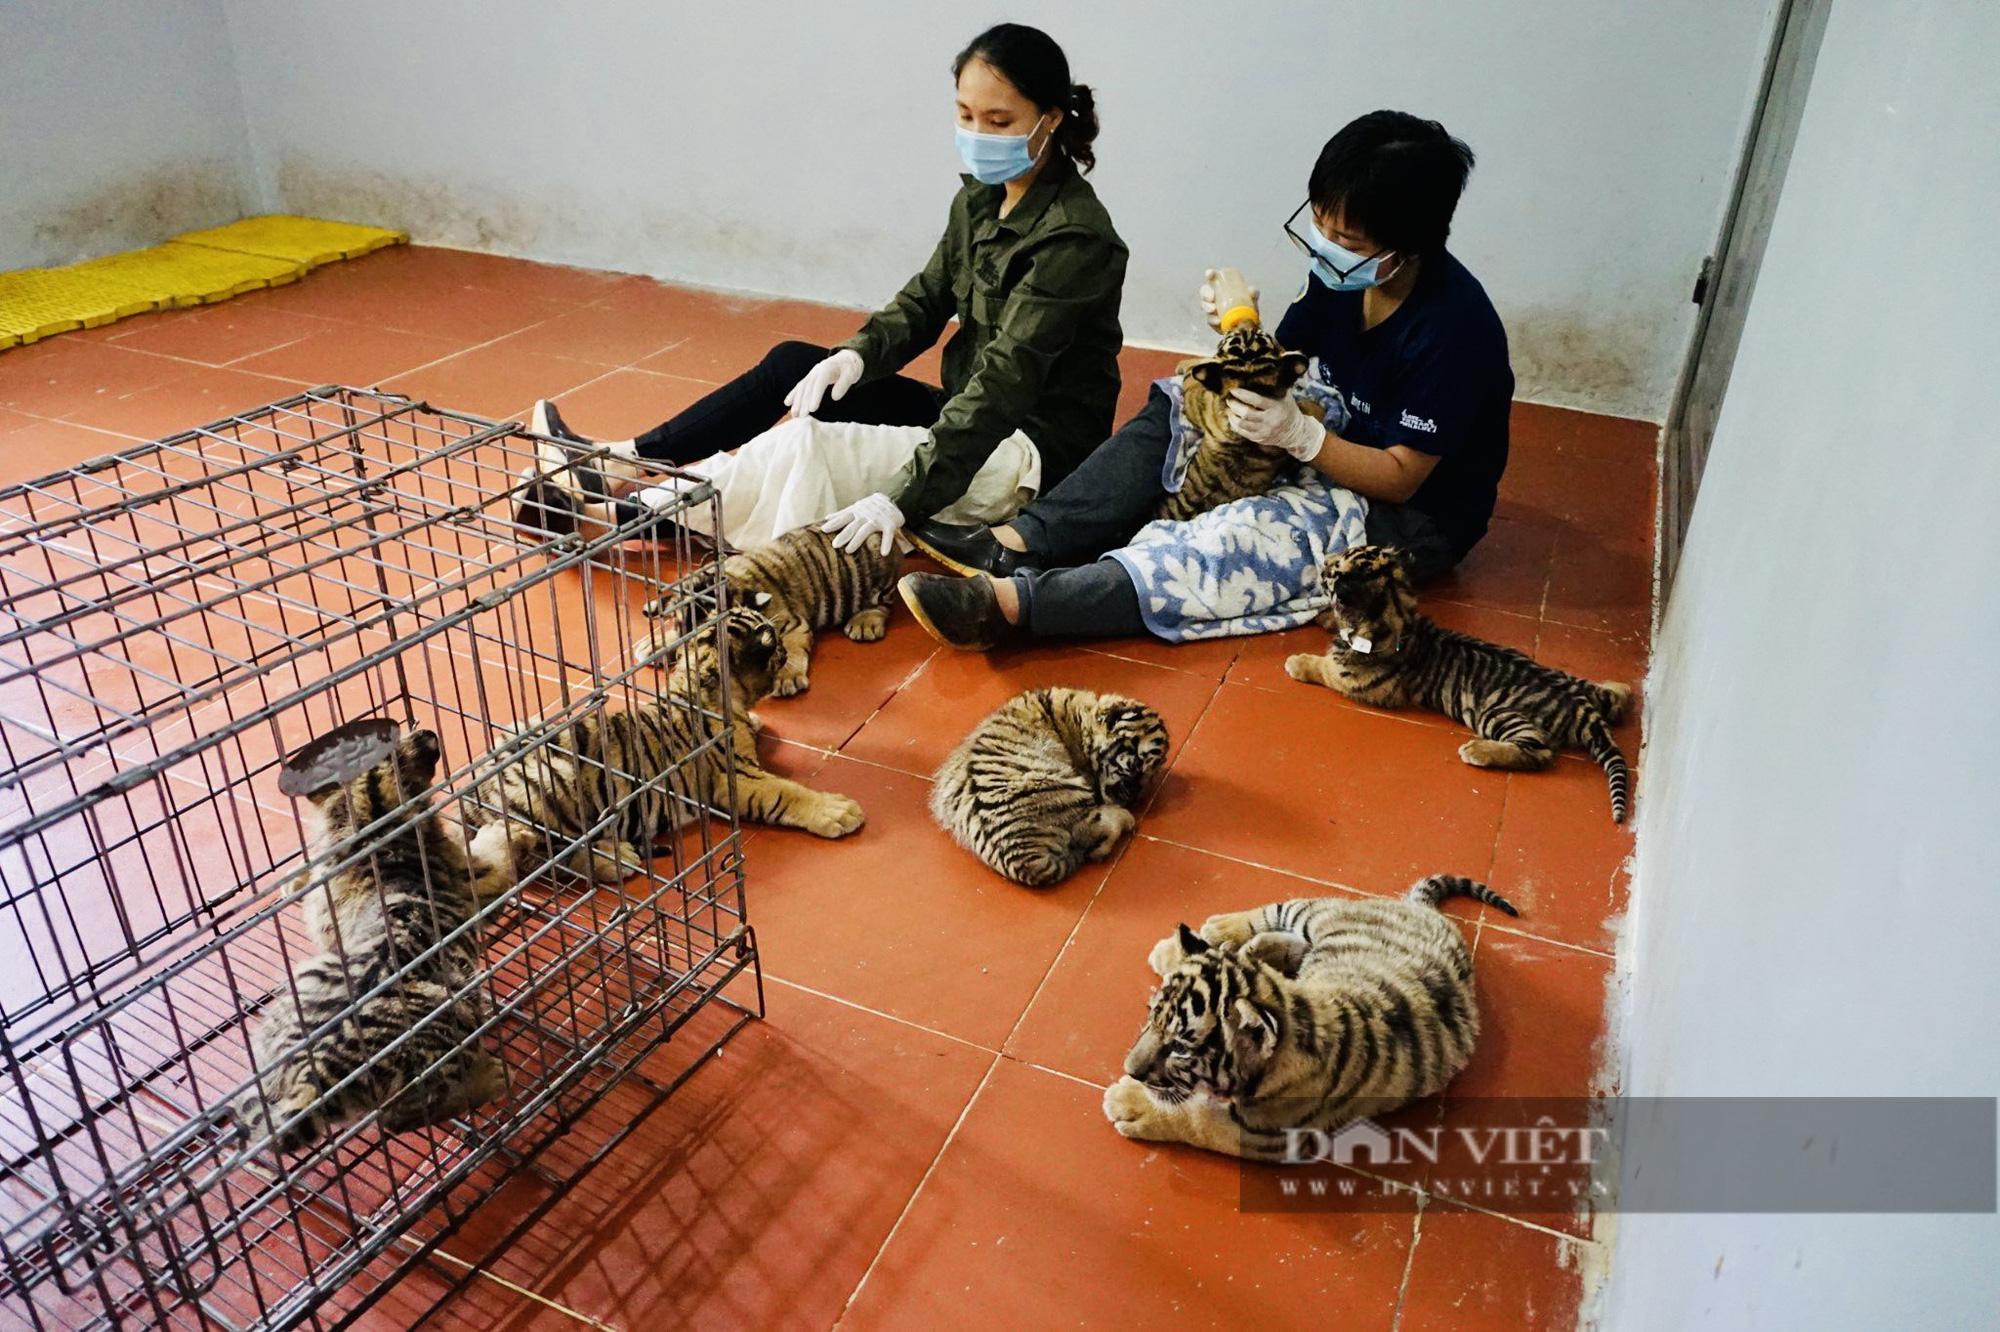 7 cá thể hổ nhỏ vừa được giải cứu và quy trình chăm sóc đặc biệt - Ảnh 1.